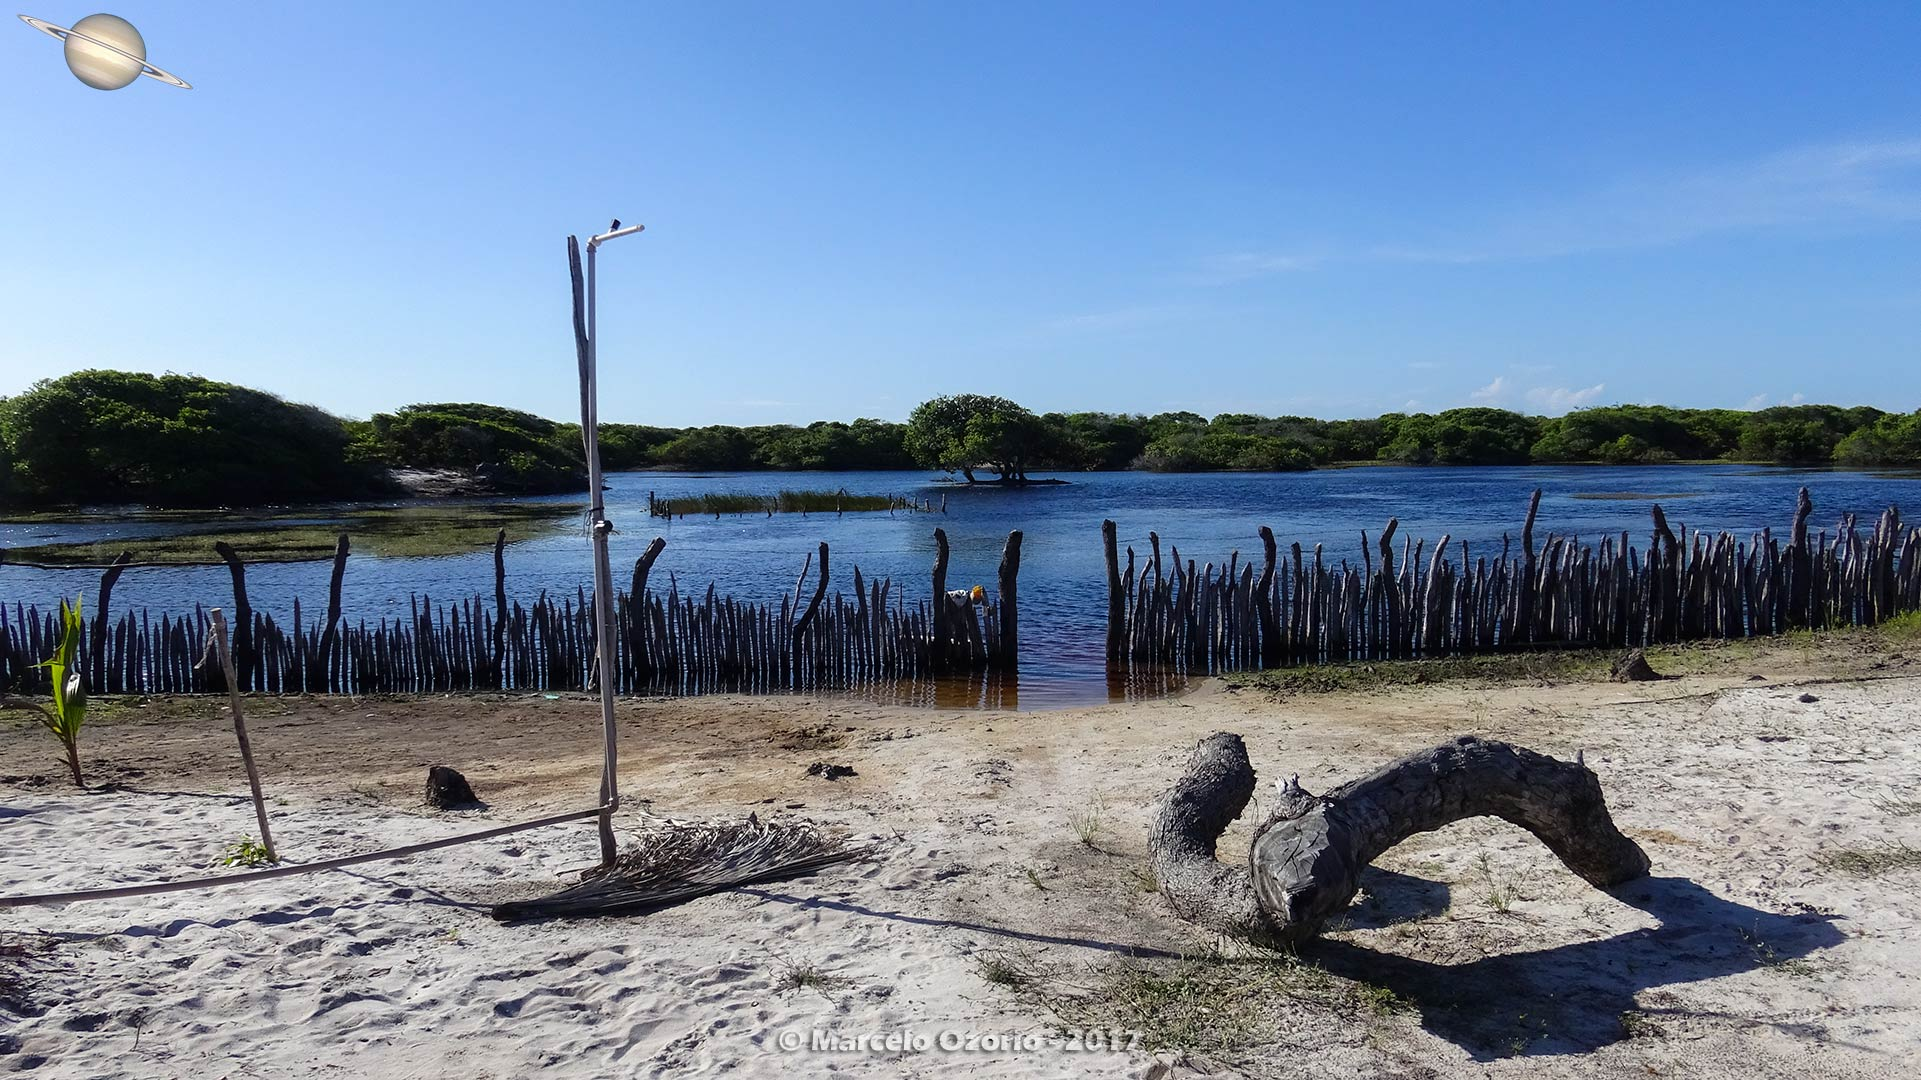 dia 3 explorando lencois maranhenses 48 - Explorando o Centro do Parque Nacional dos Lençóis Maranhenses - Brasil